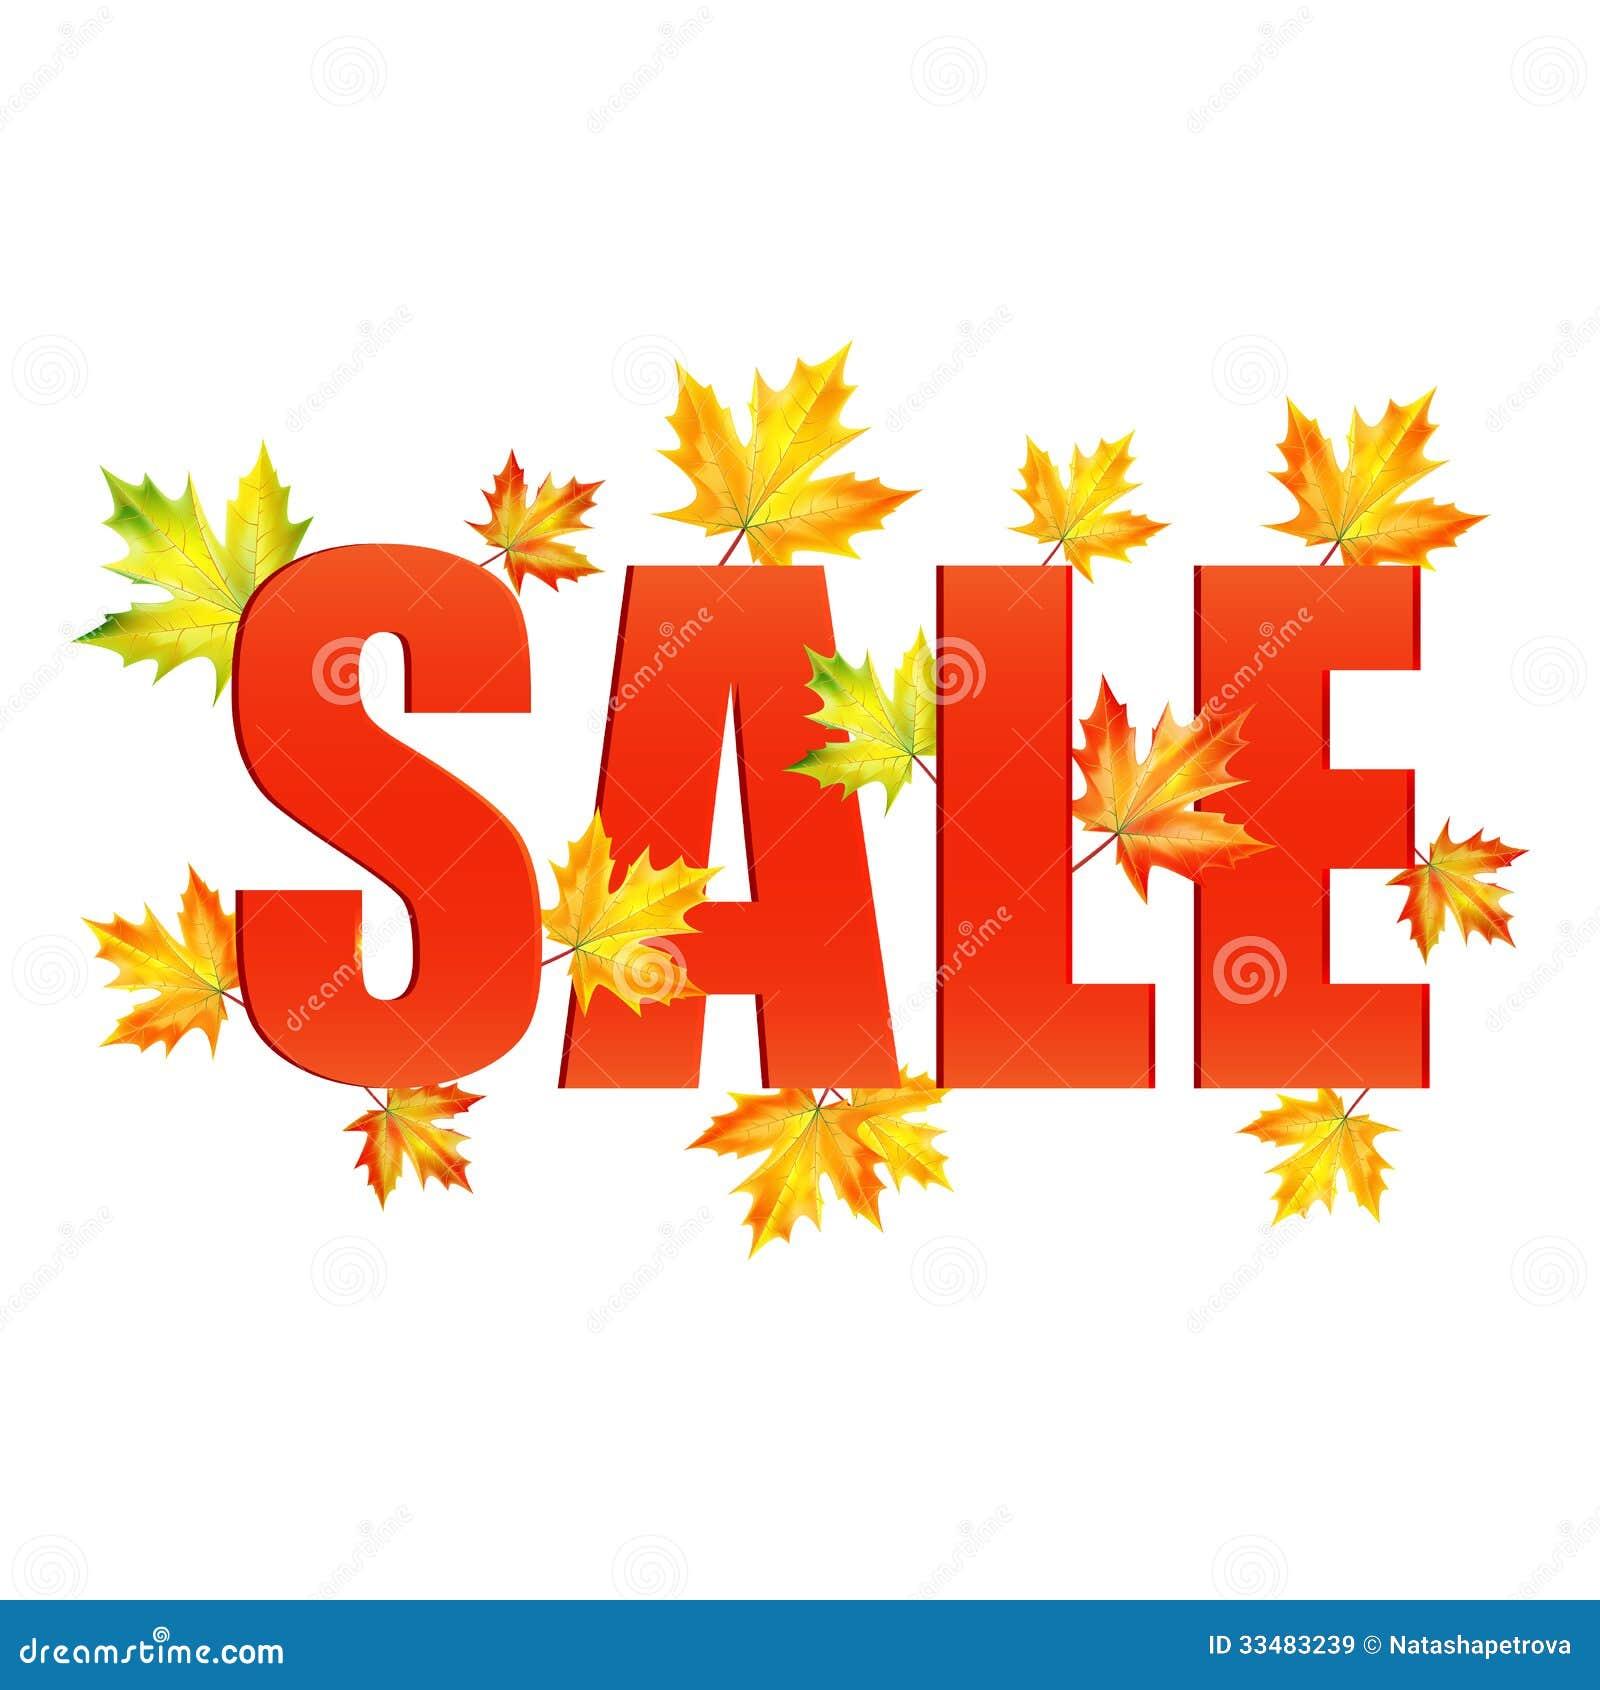 Illustratie van de herfst seizoengebonden verkoop royalty vrije stock afbeeldingen afbeelding - Zinkt de verkoop ...